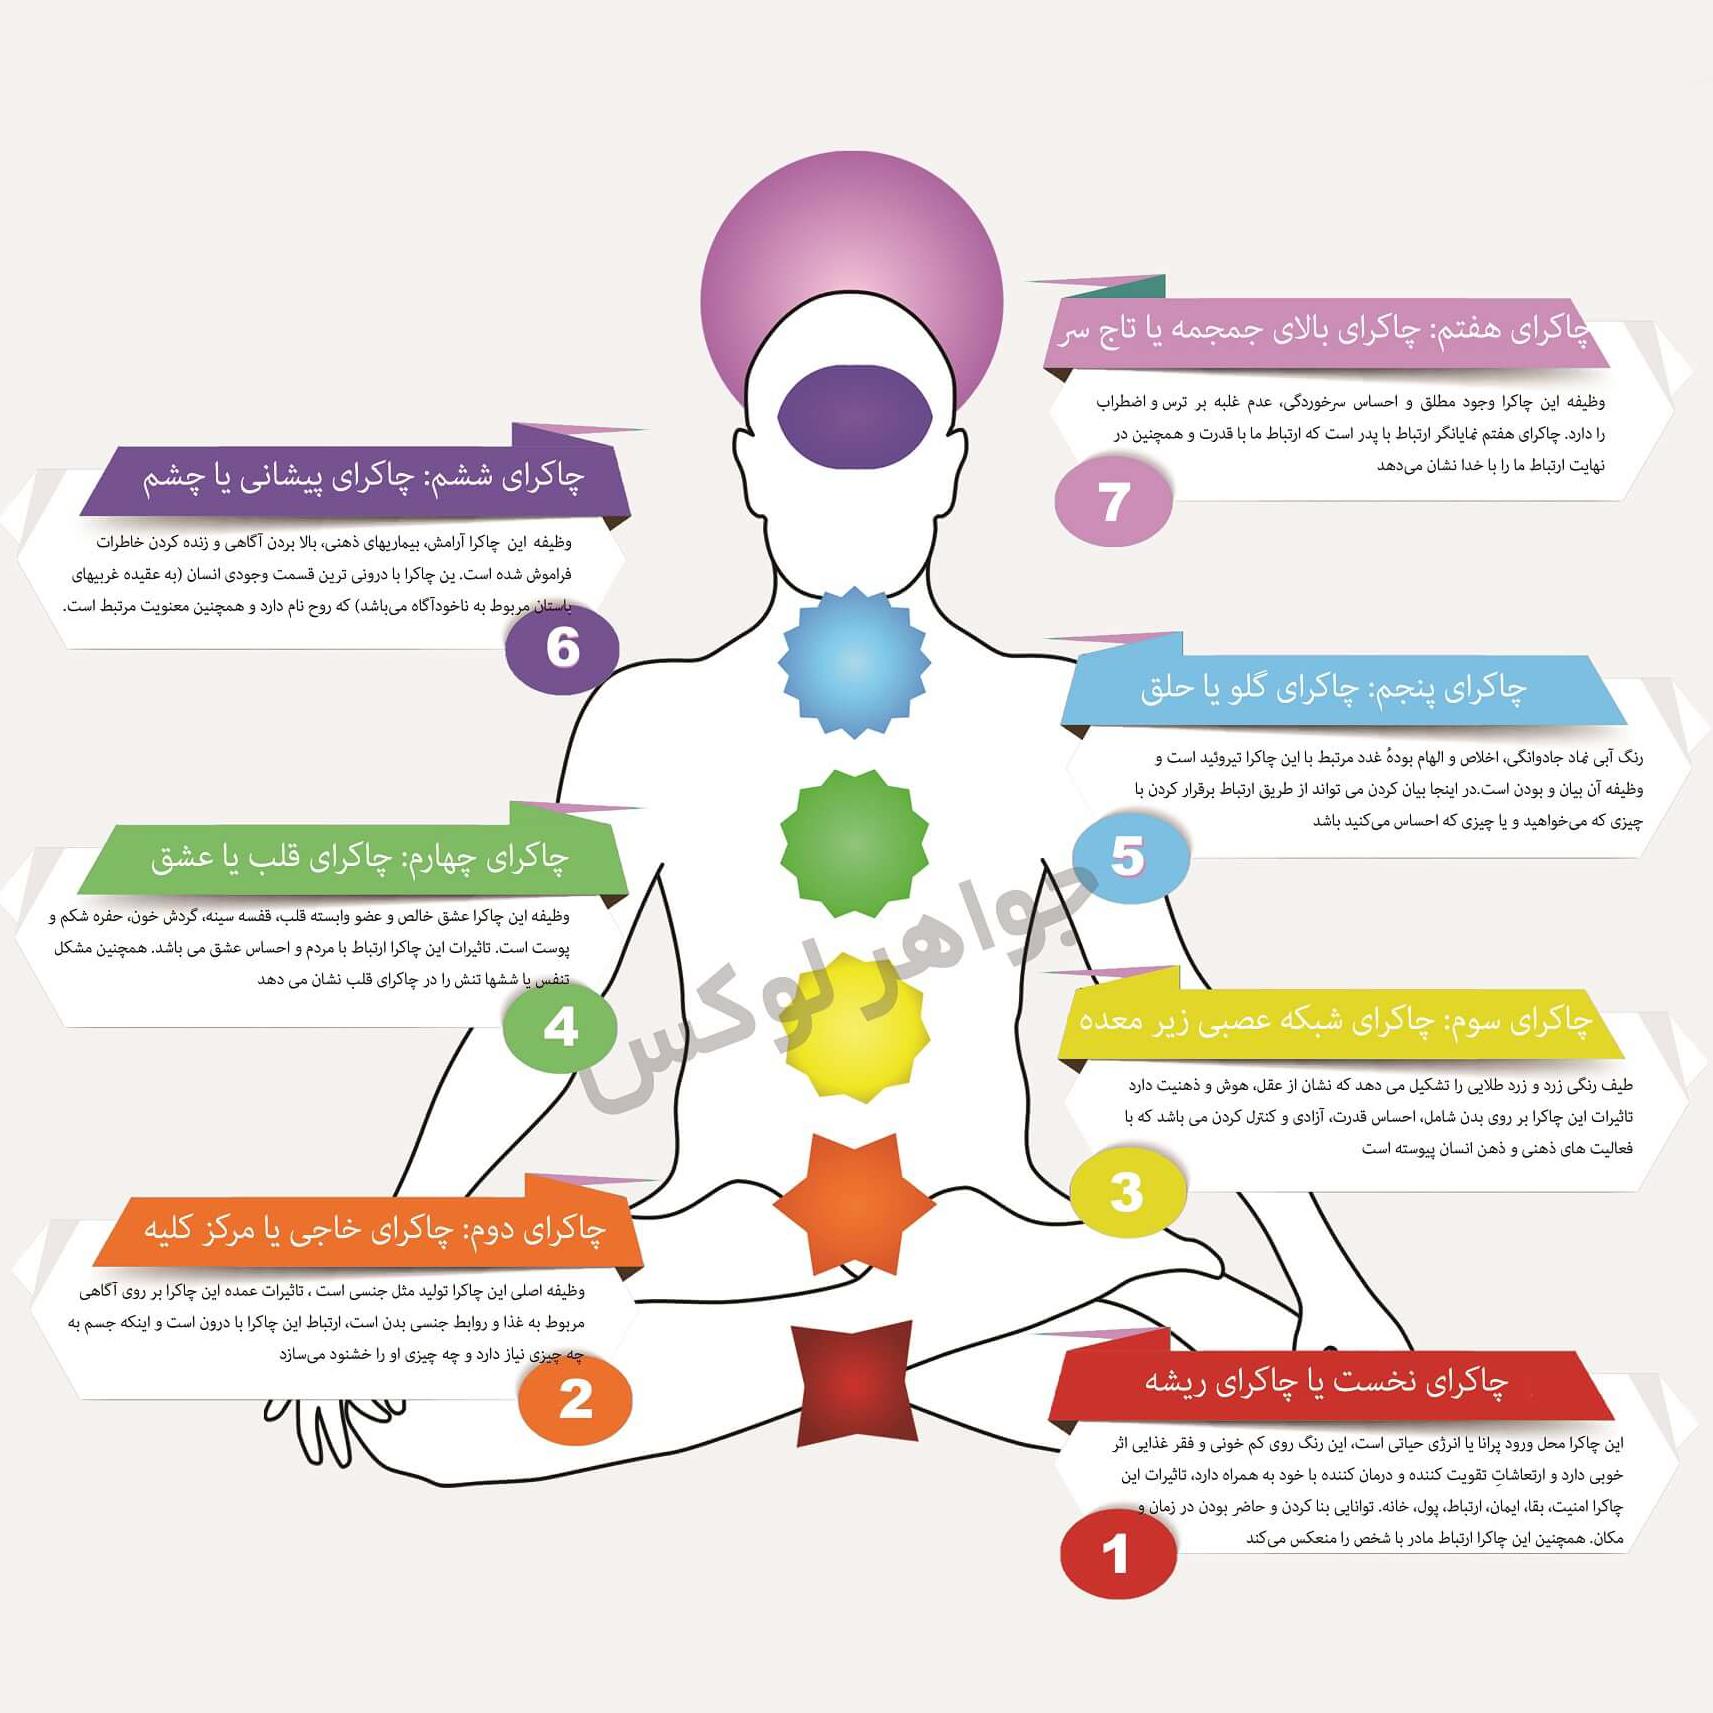 پاکسازی و فعال سازی هفت چاکرا